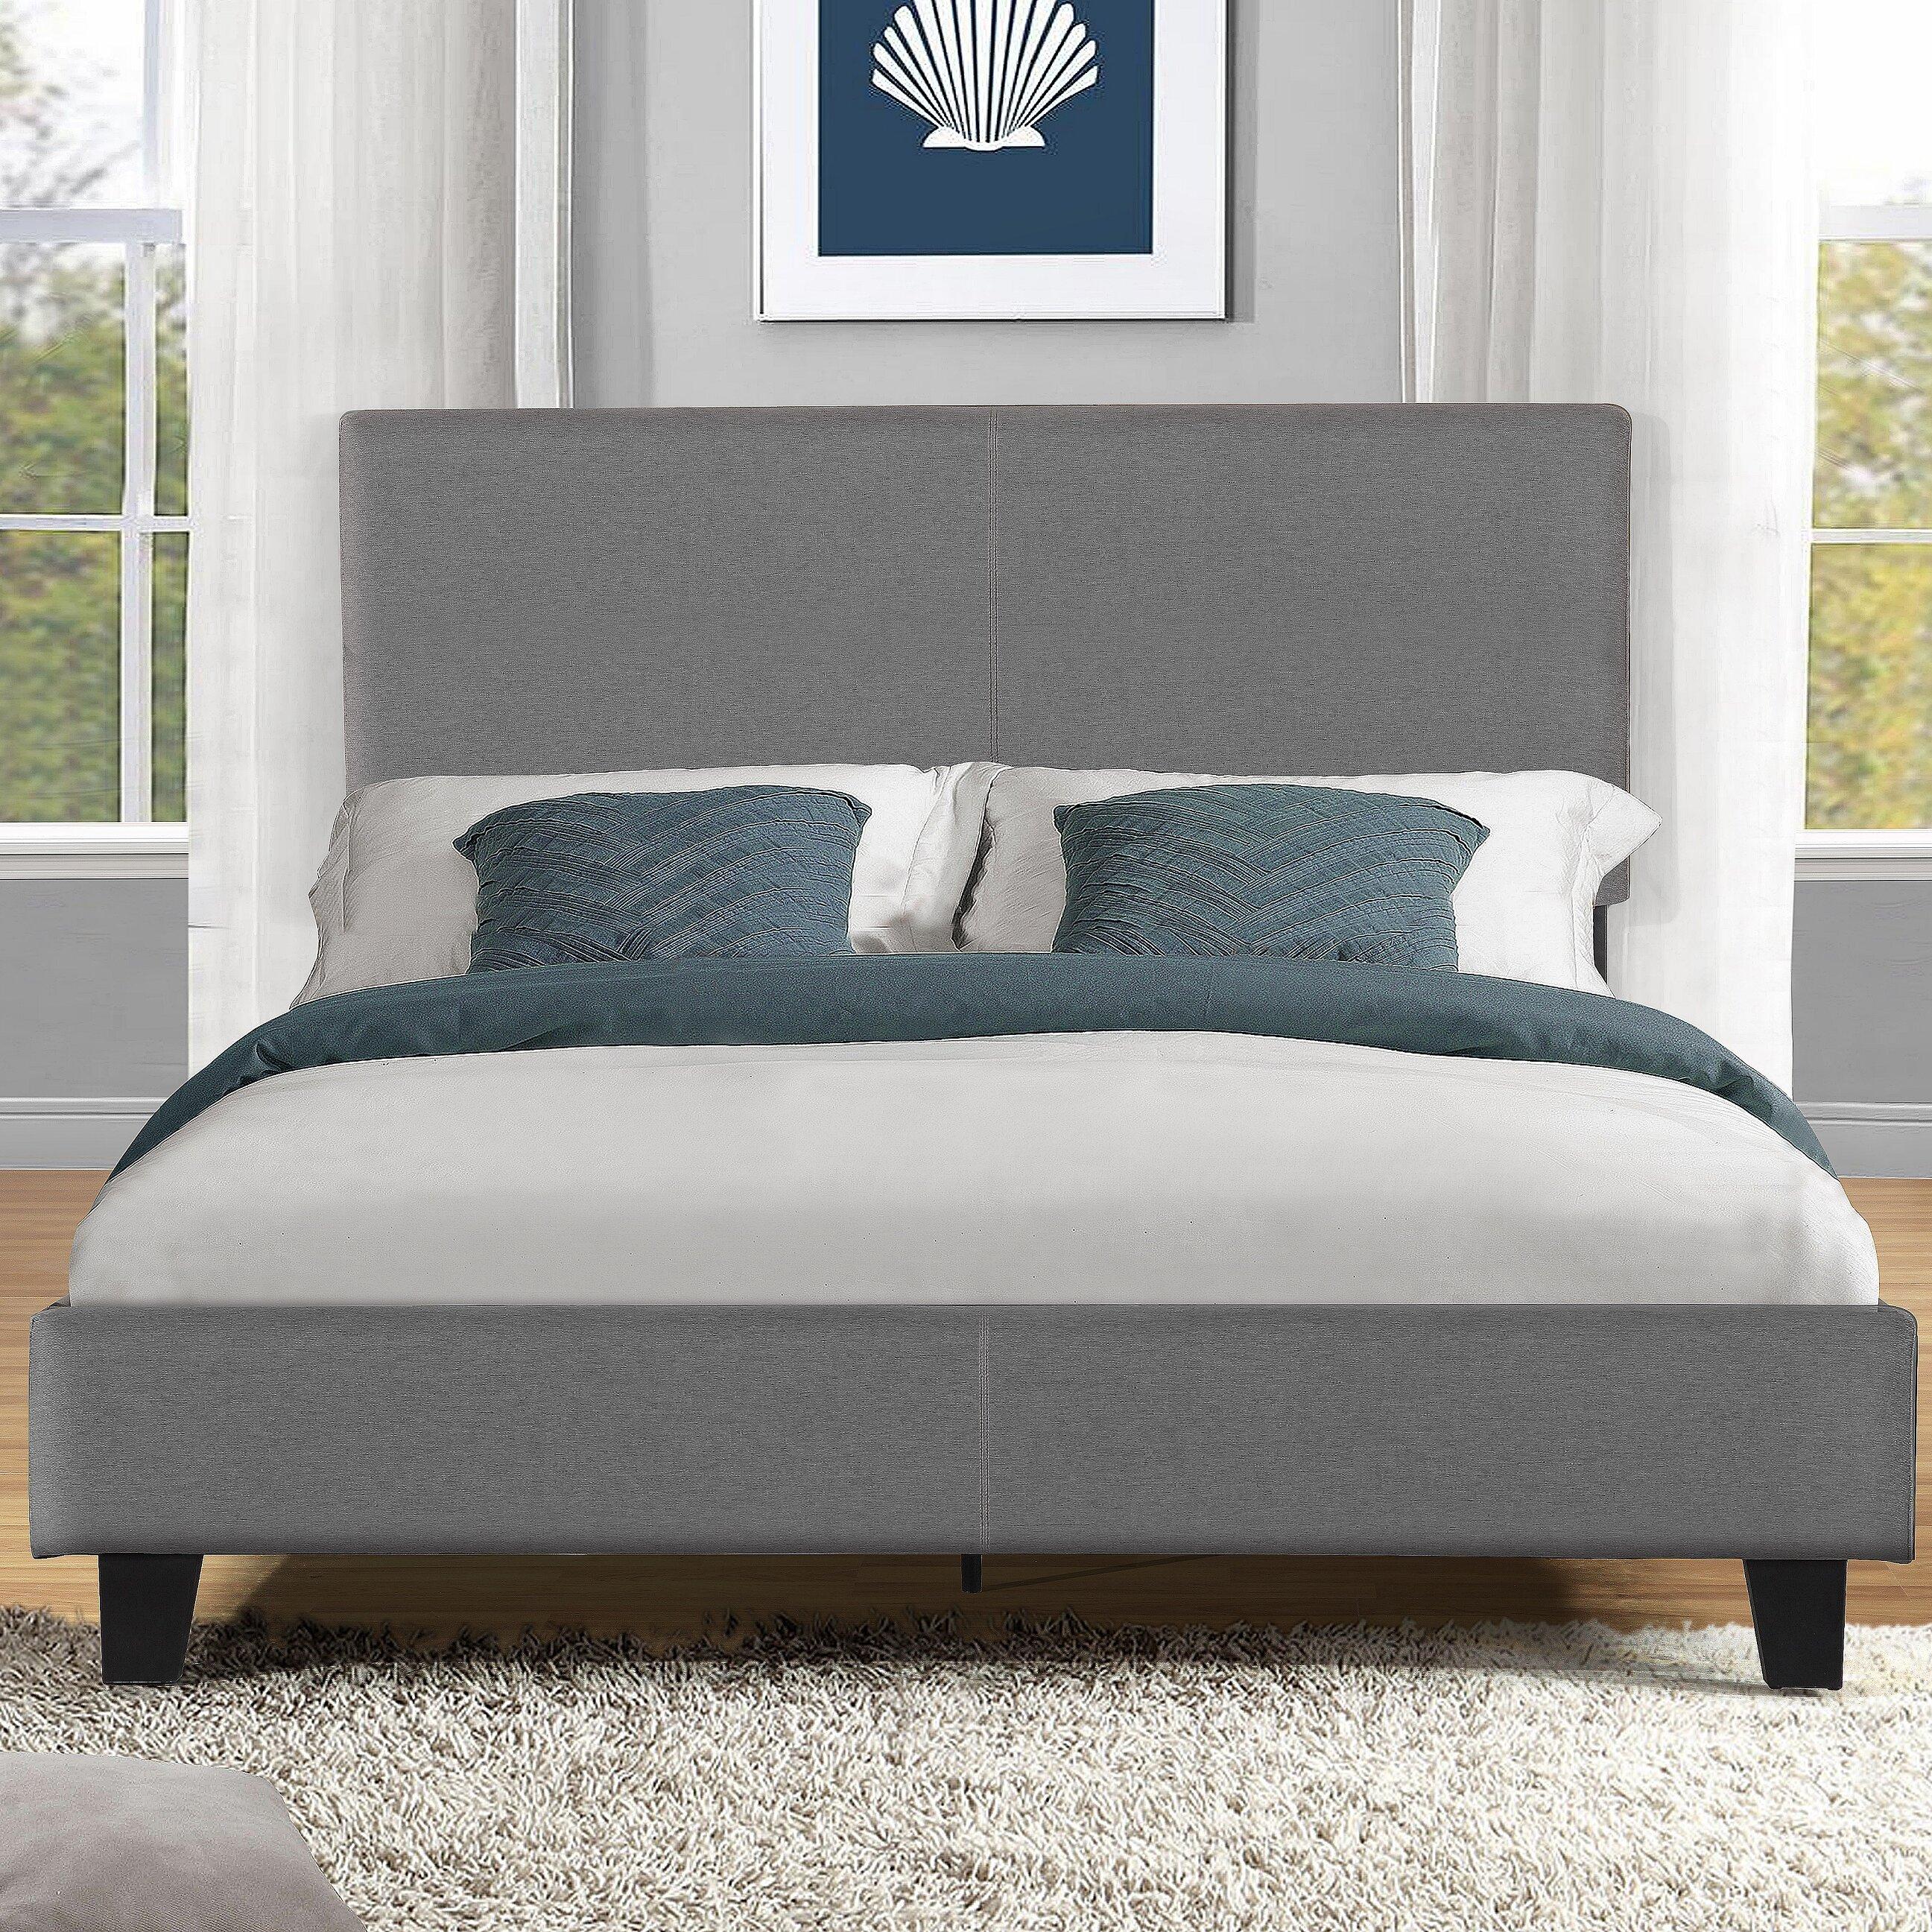 Pictures of platform beds - Platform Bed